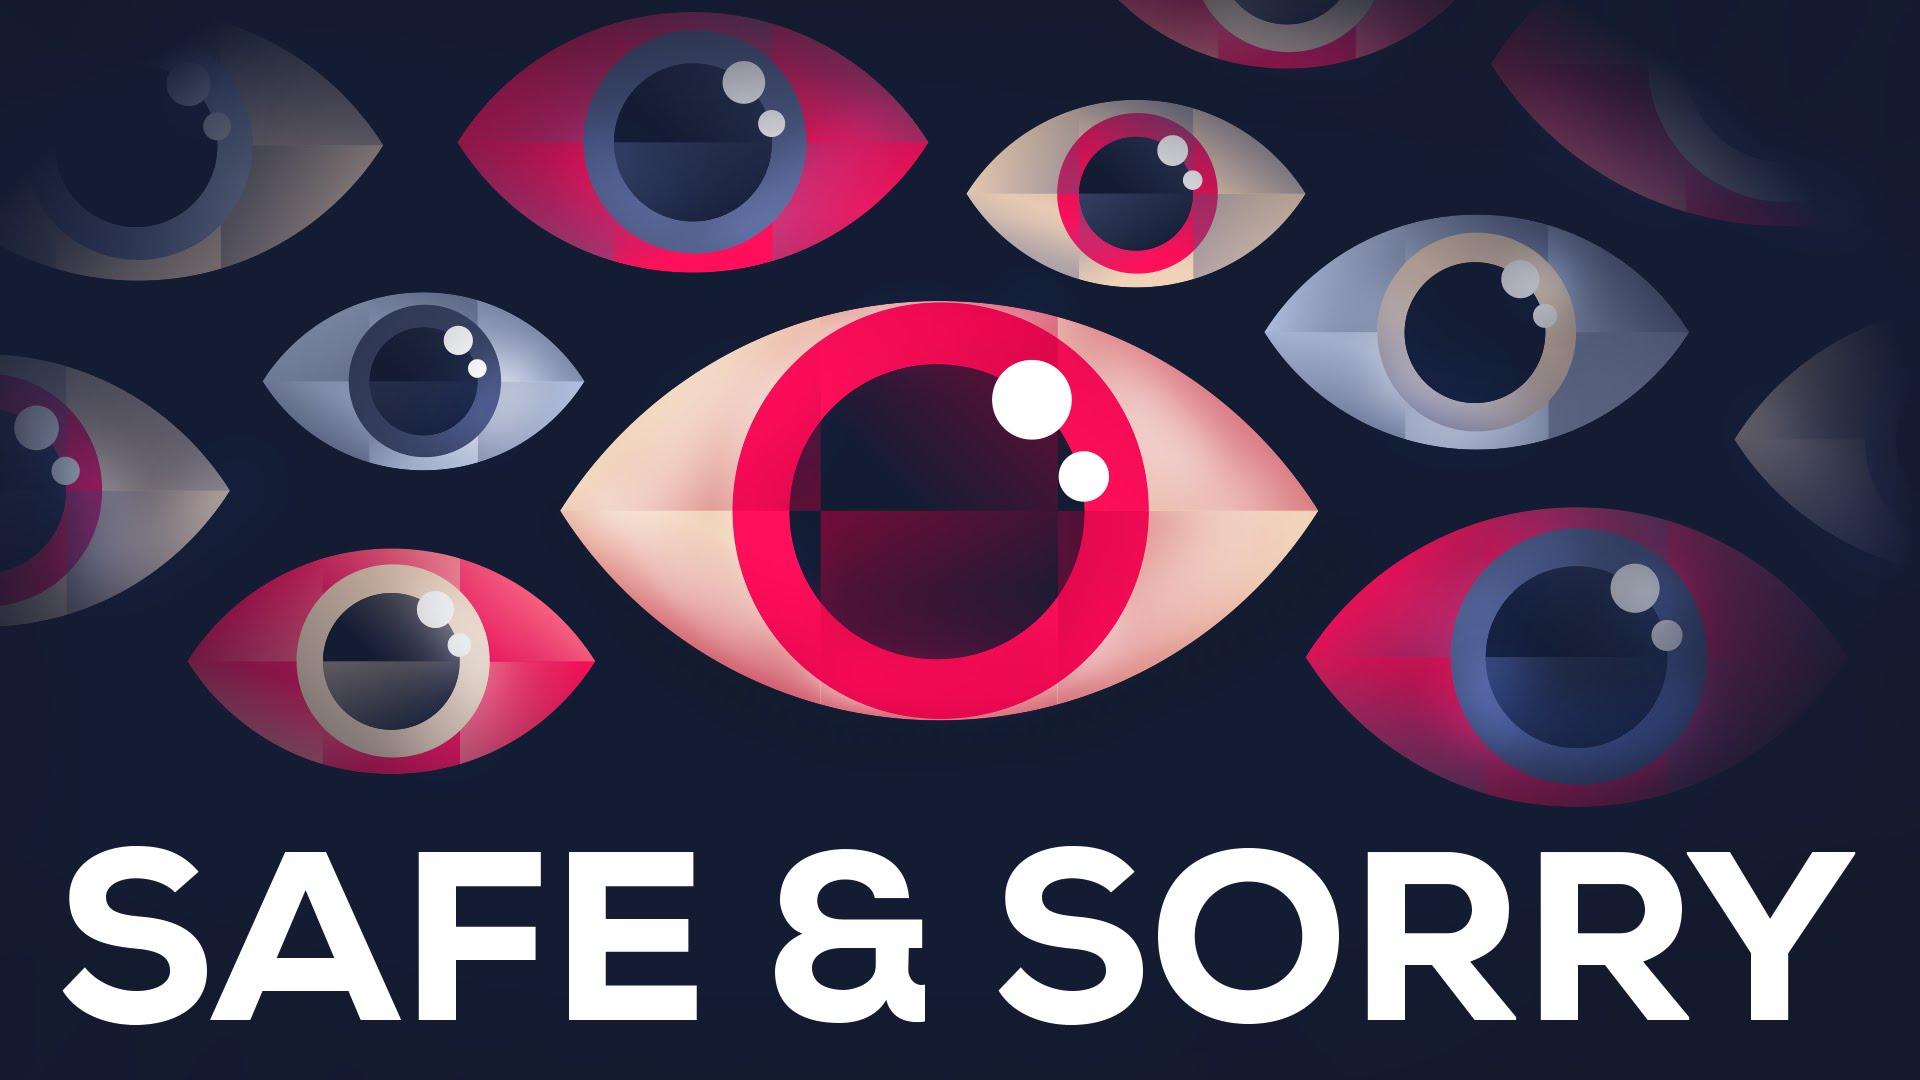 [Kurzgesagt – In a Nutshell] An toàn và Xin lỗi | Khủng bố và Giám sát người dân -- Safe and Sorry | Terrorism & Mass Surveillance